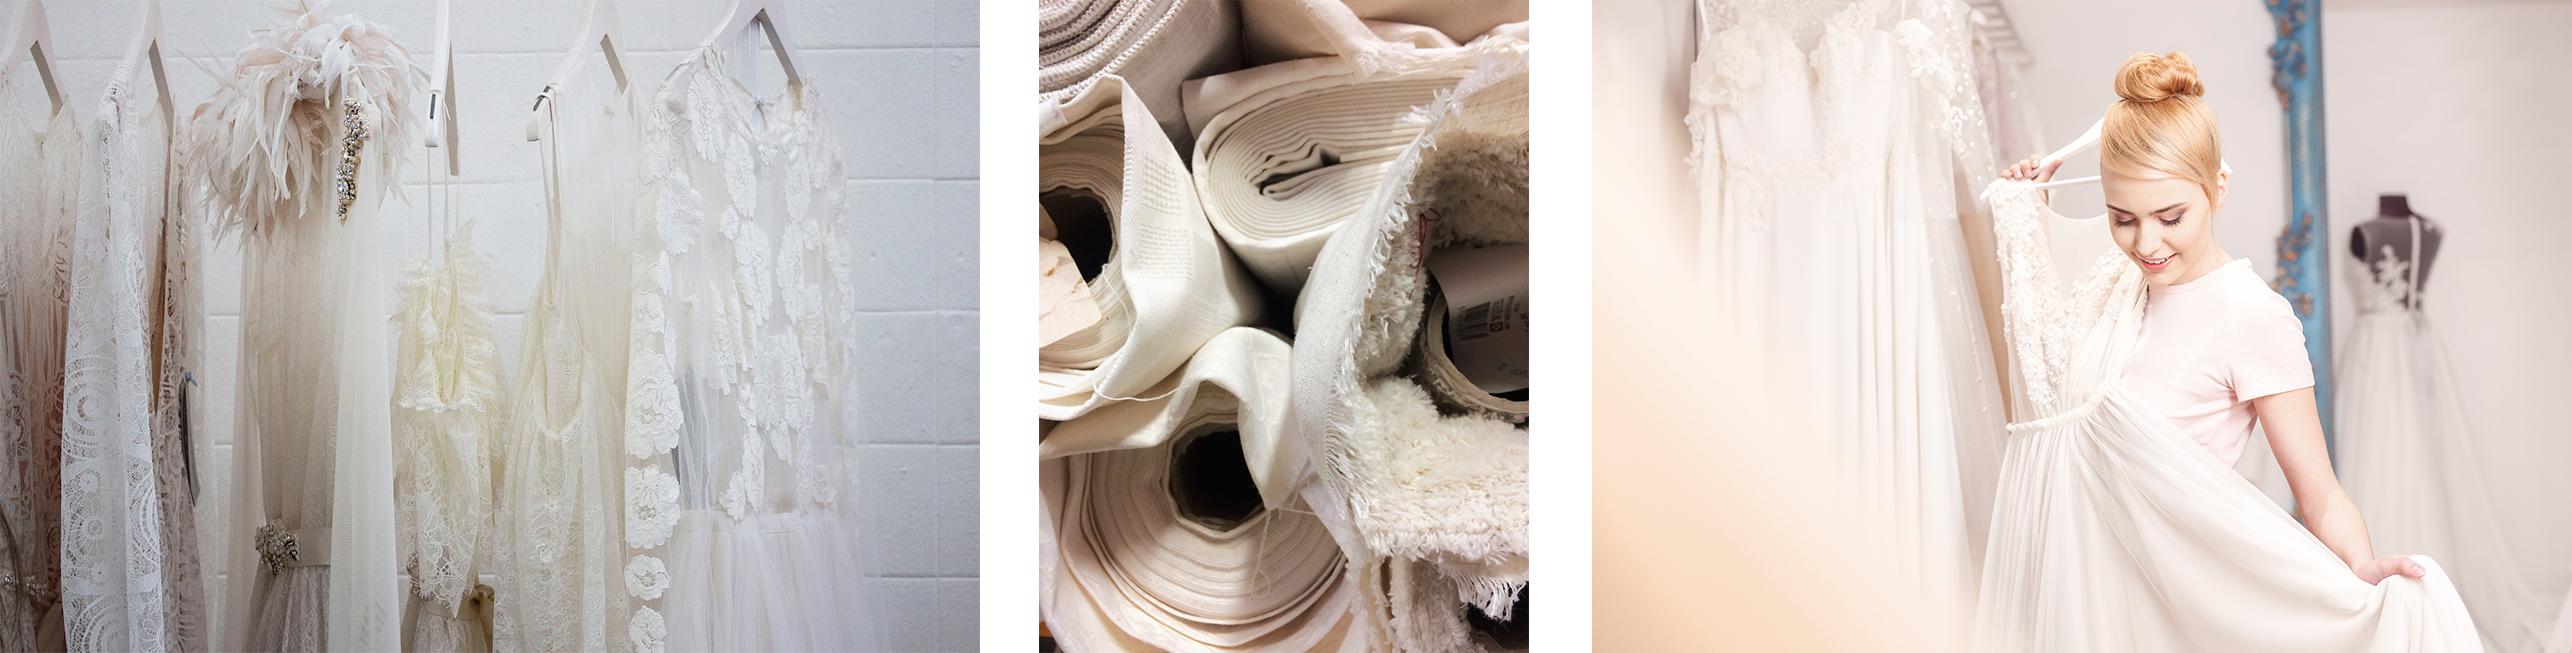 Val av tyg och textiler till bröllop 15e9f0245b417